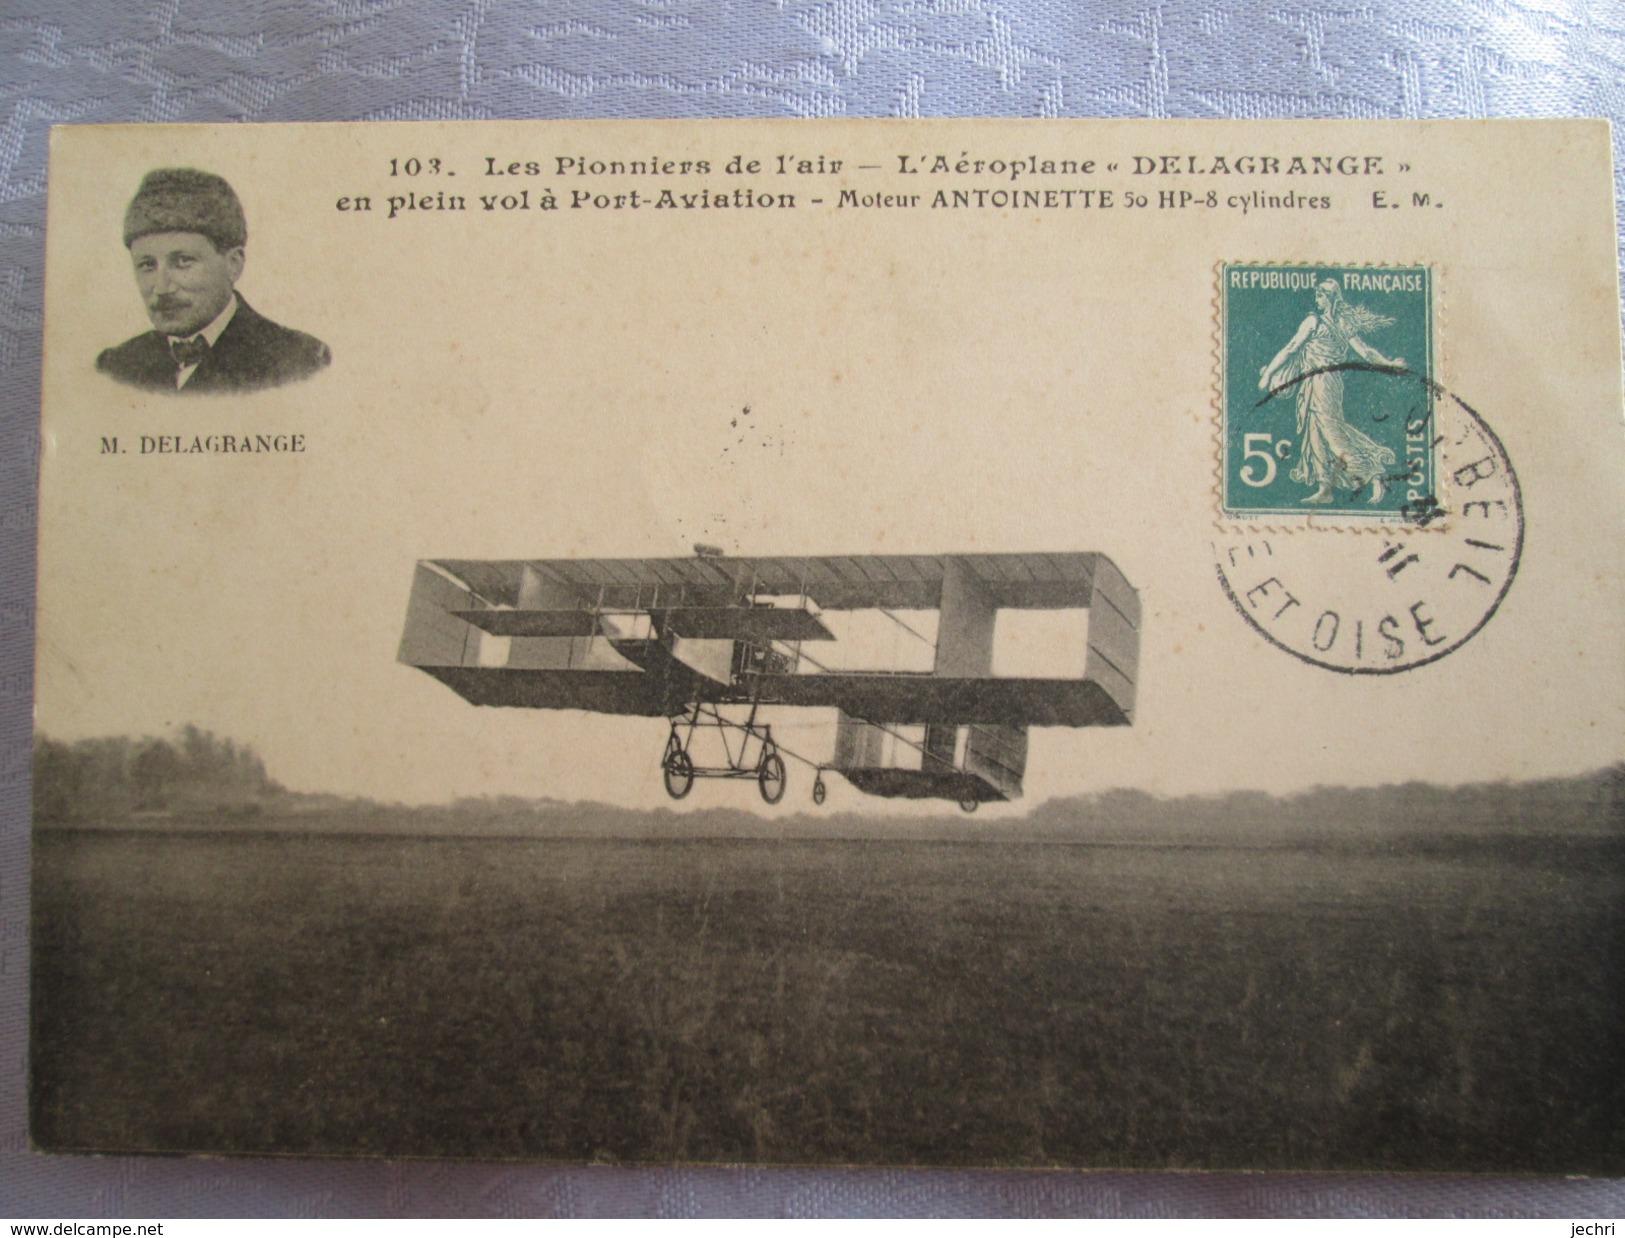 Aeroplane Delagrange ;en Plein Vol A Port Aviation ; Moteur Antoinette - Autres